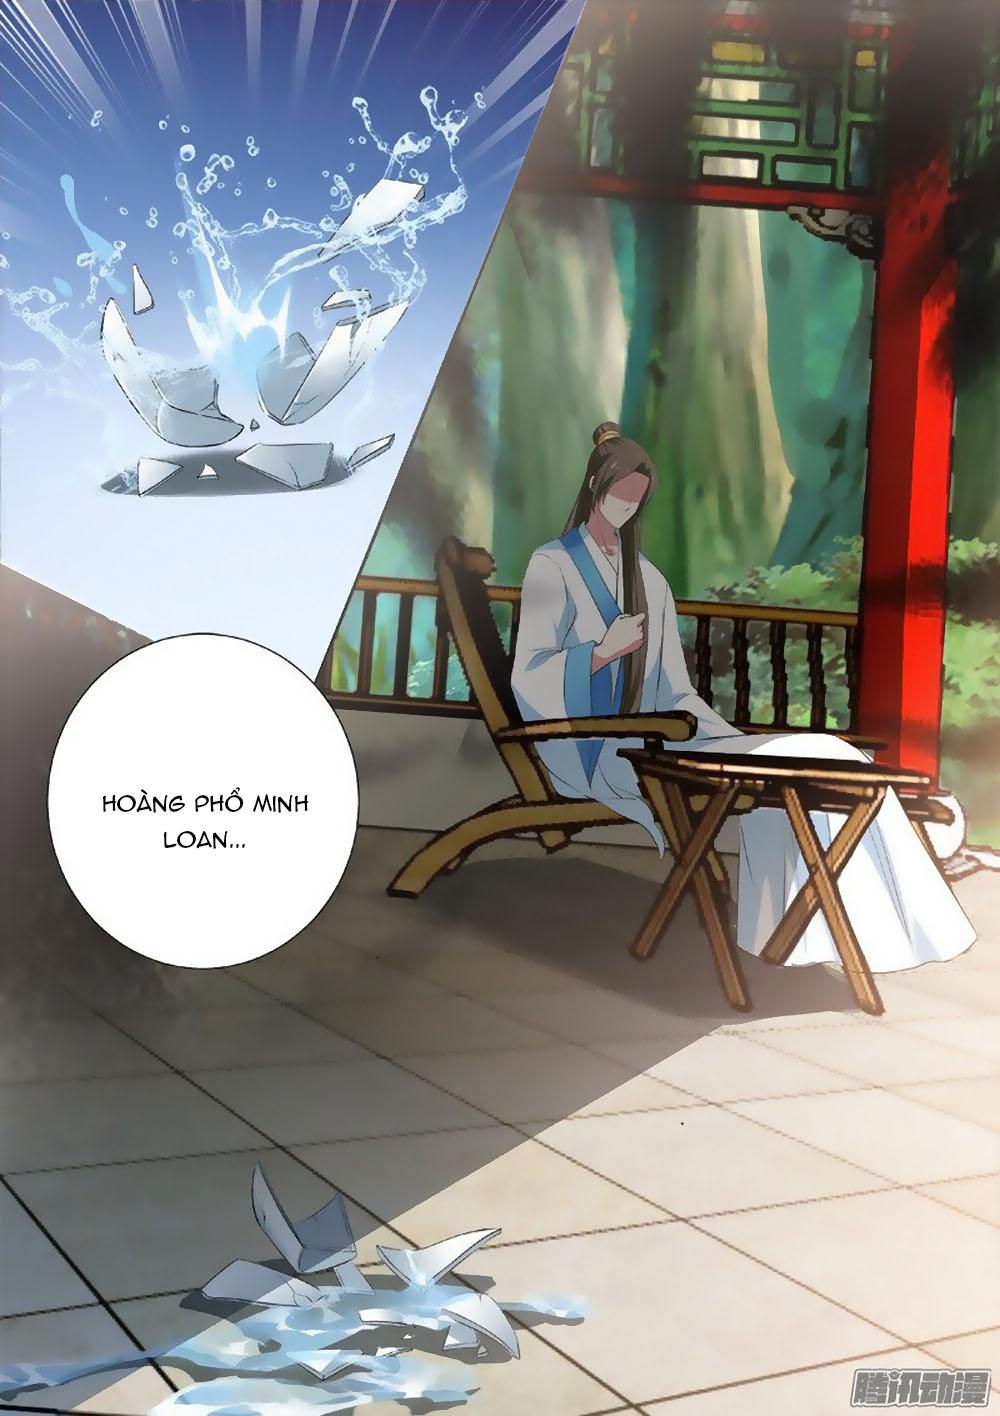 Hệ Thống Chế Tạo Nữ Thần chap 28 - Trang 7